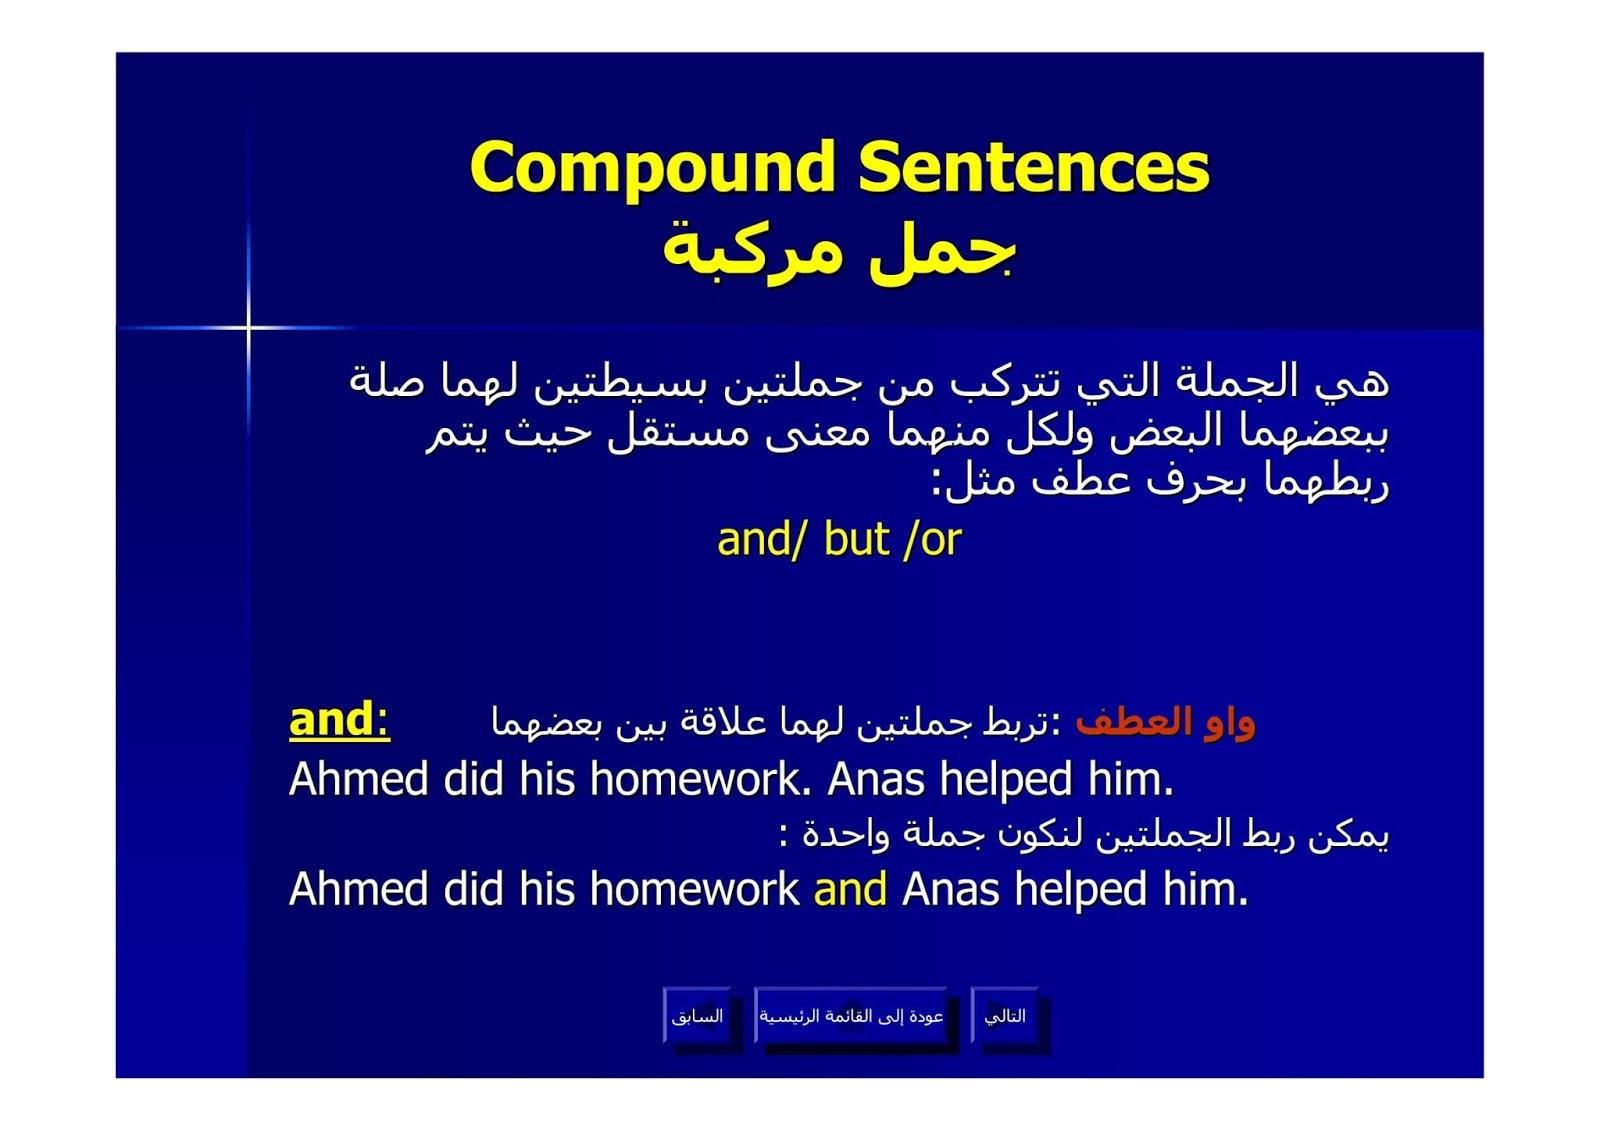 أنواع الجمل في اللغة الانجليزية